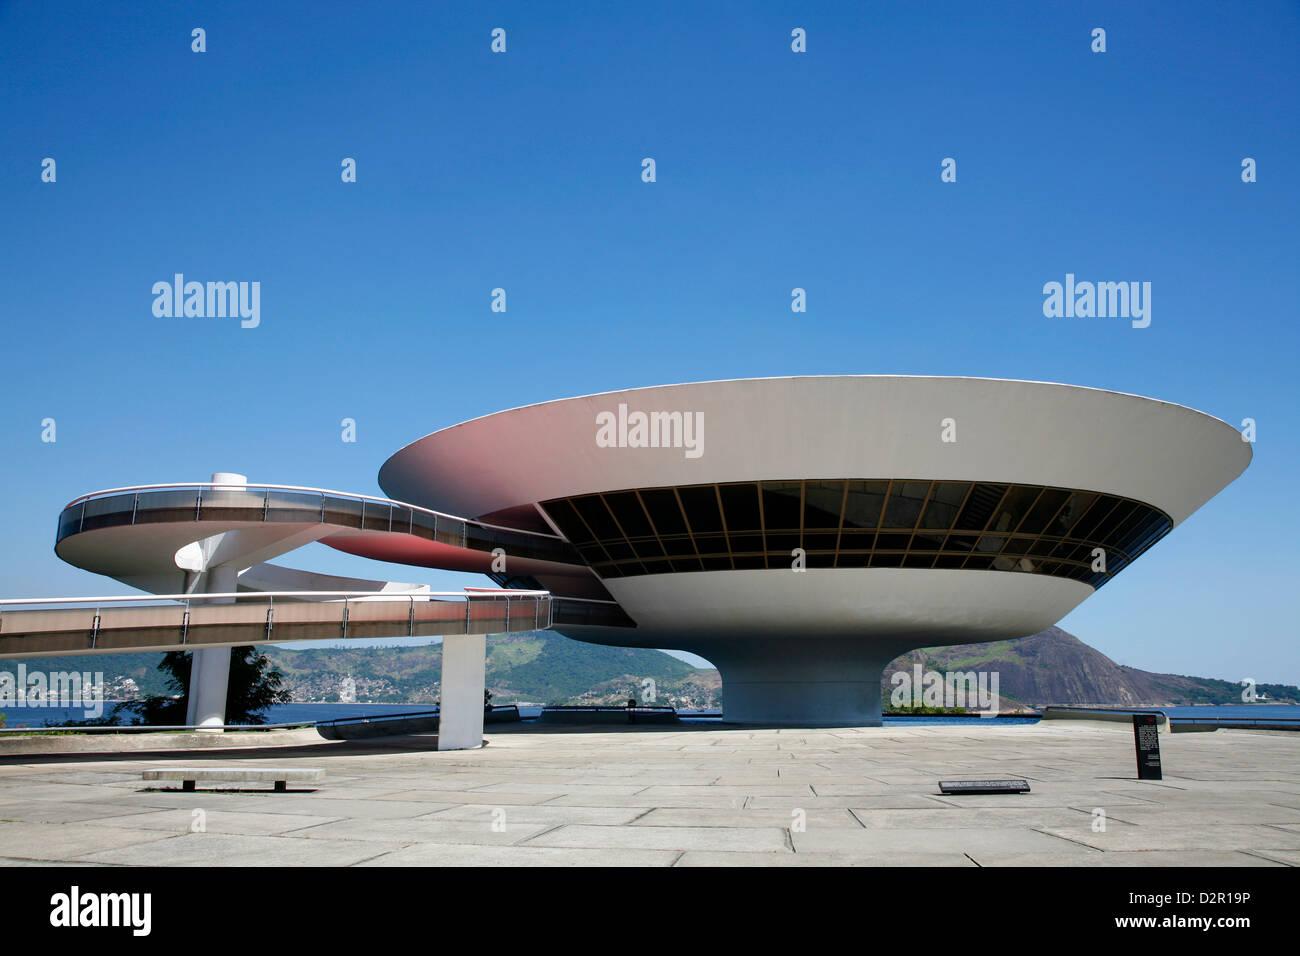 Museu do Arte Contemporanea (Museum of Contemporary Art), architect Oscar Niemeyer, Niteroi, Rio de Janeiro, Brazil - Stock Image